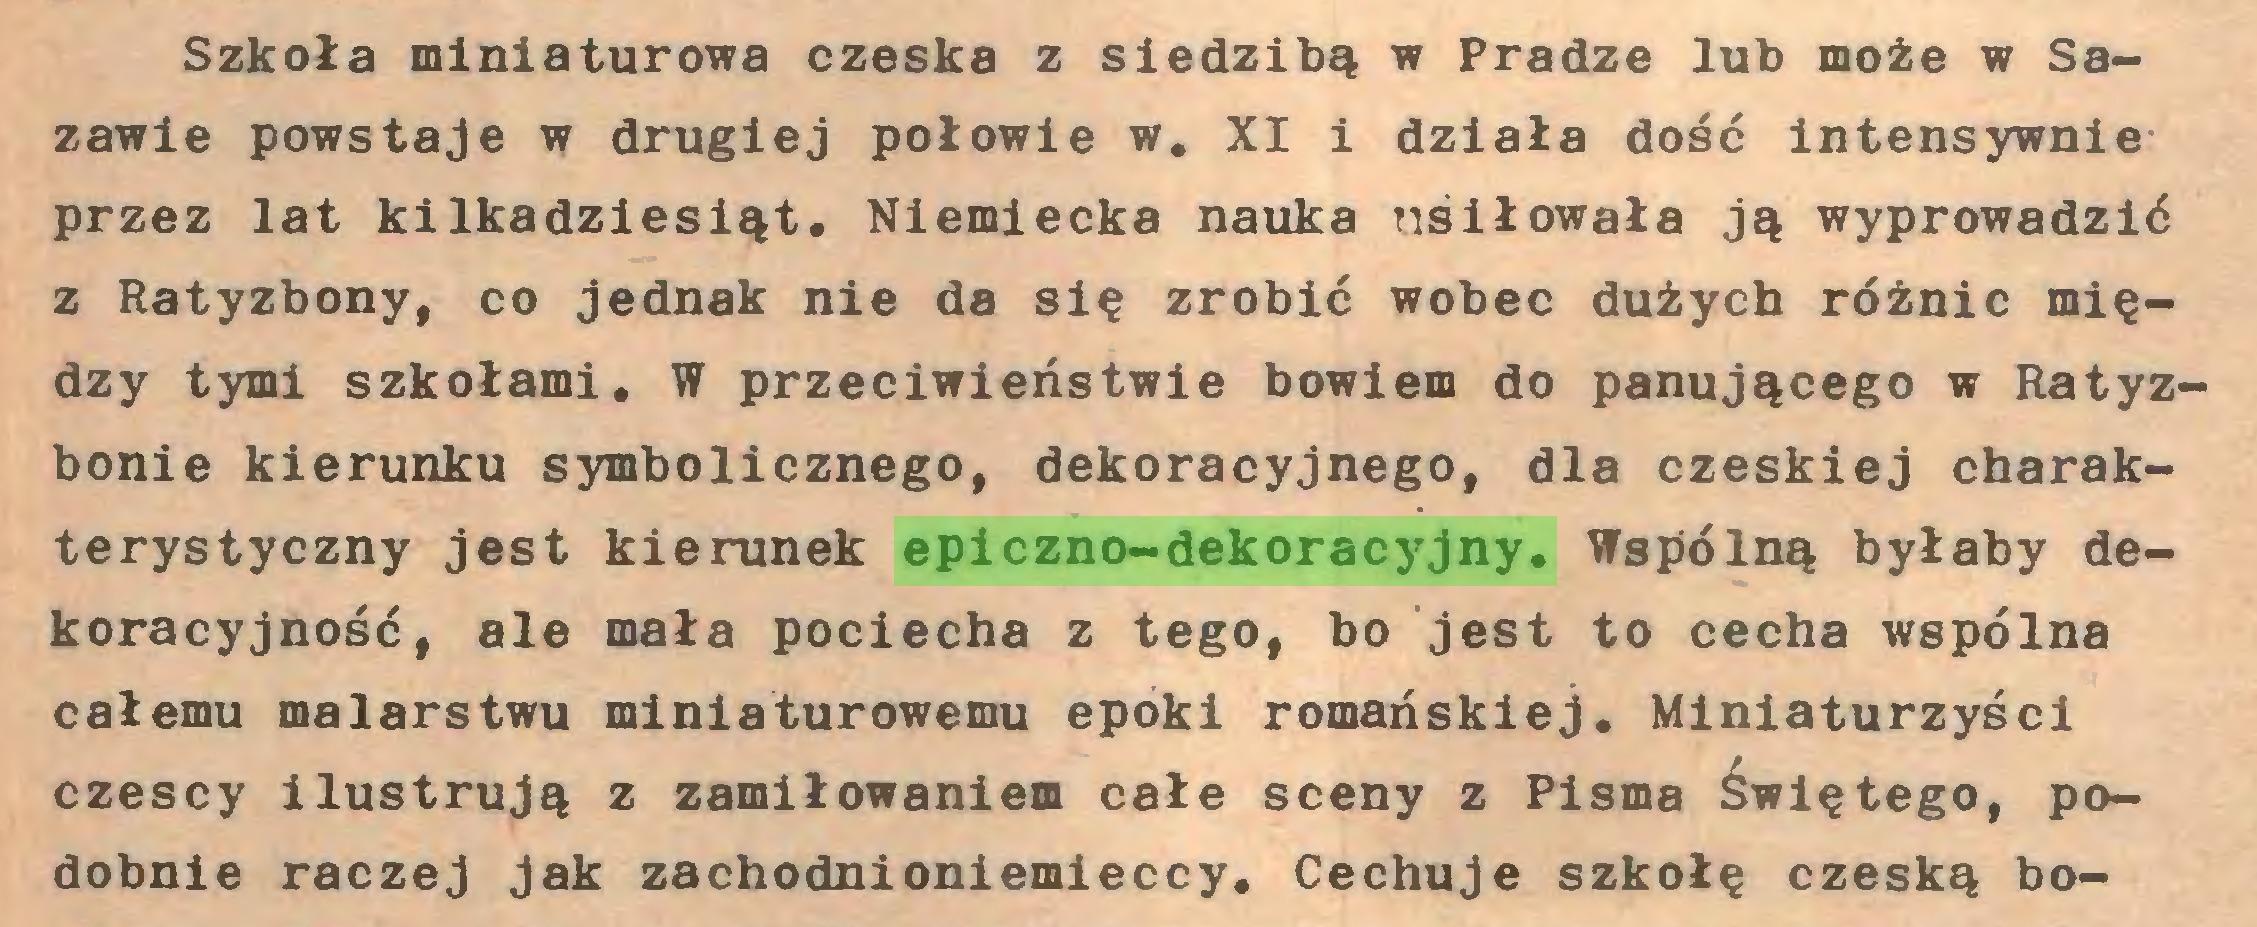 (...) Szkoła miniaturowa czeska z siedzibą w Pradze lub może w Sazawie powstaje w drugiej połowie w. XI i działa dość intensywnie przez lat kilkadziesiąt. Niemiecka nauka usiłowała ją wyprowadzić z Ratyzbony, co jednak nie da się zrobić wobec dużych różnic między tymi szkołami. W przeciwieństwie bowiem do panującego w Ratyzbonie kierunku symbolicznego, dekoracyjnego, dla czeskiej charakterystyczny jest kierunek epiczno-dekoracyjny. Wspólną byłaby dekoracyjność, ale mała pociecha z tego, bo jest to cecha wspólna całemu malarstwu miniaturowemu epoki romańskiej. Miniaturzyści czescy ilustrują z zamiłowaniem całe sceny z Pisma Świętego, podobnie raczej jak zachodnioniemieccy. Cechuje szkołę czeską bo...